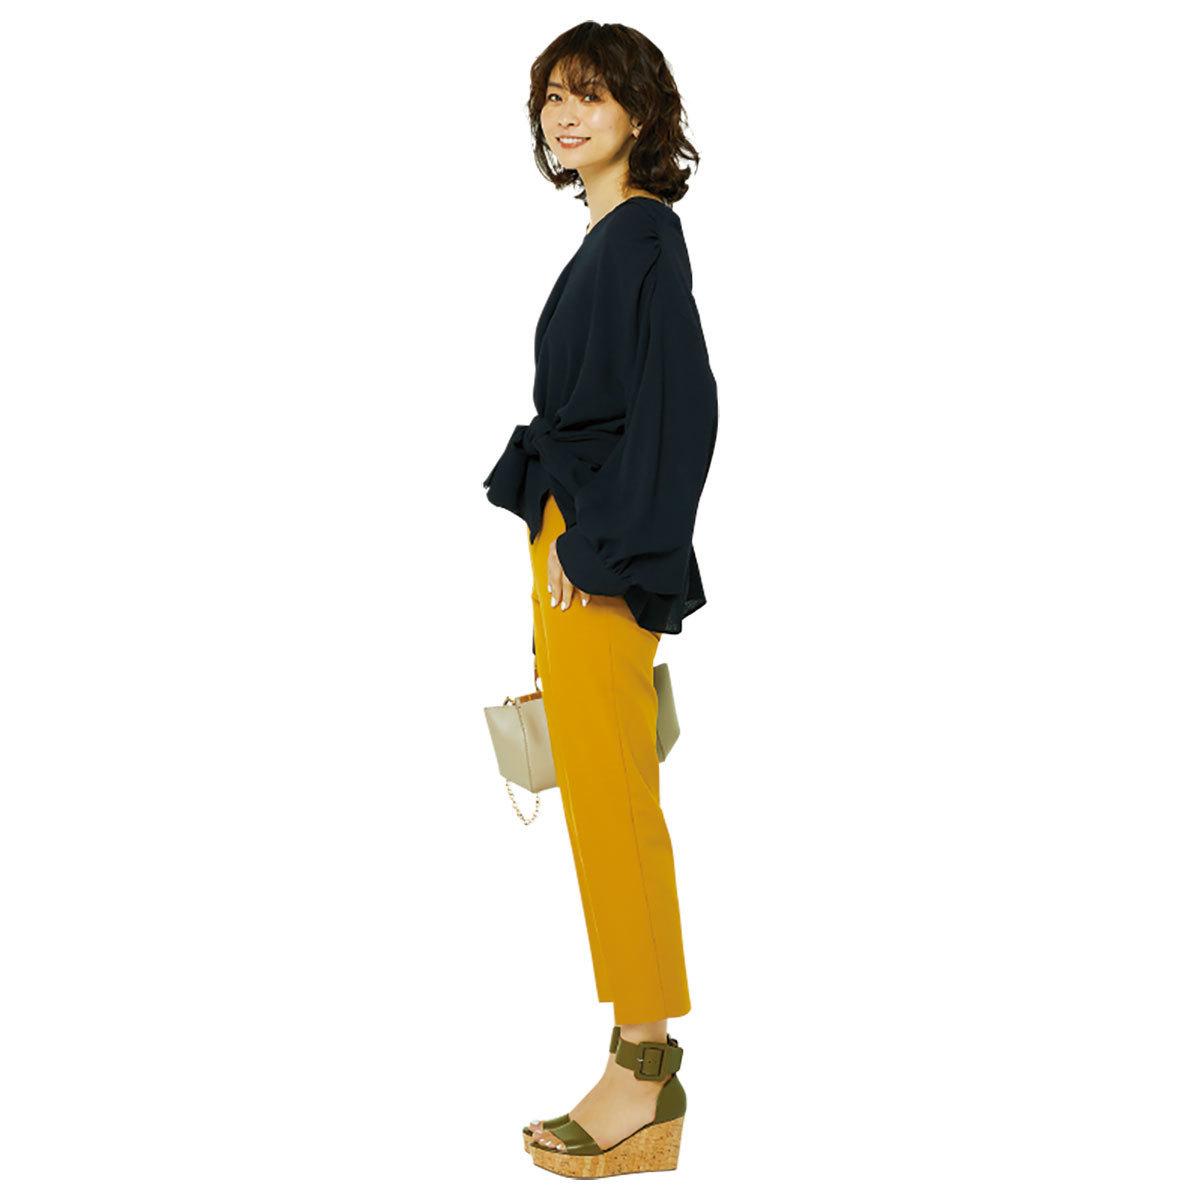 40代の「おしゃれになりたい」をかなえるファッションブランドは? 注目したいアイテムは? | アラフォーファッション_1_24